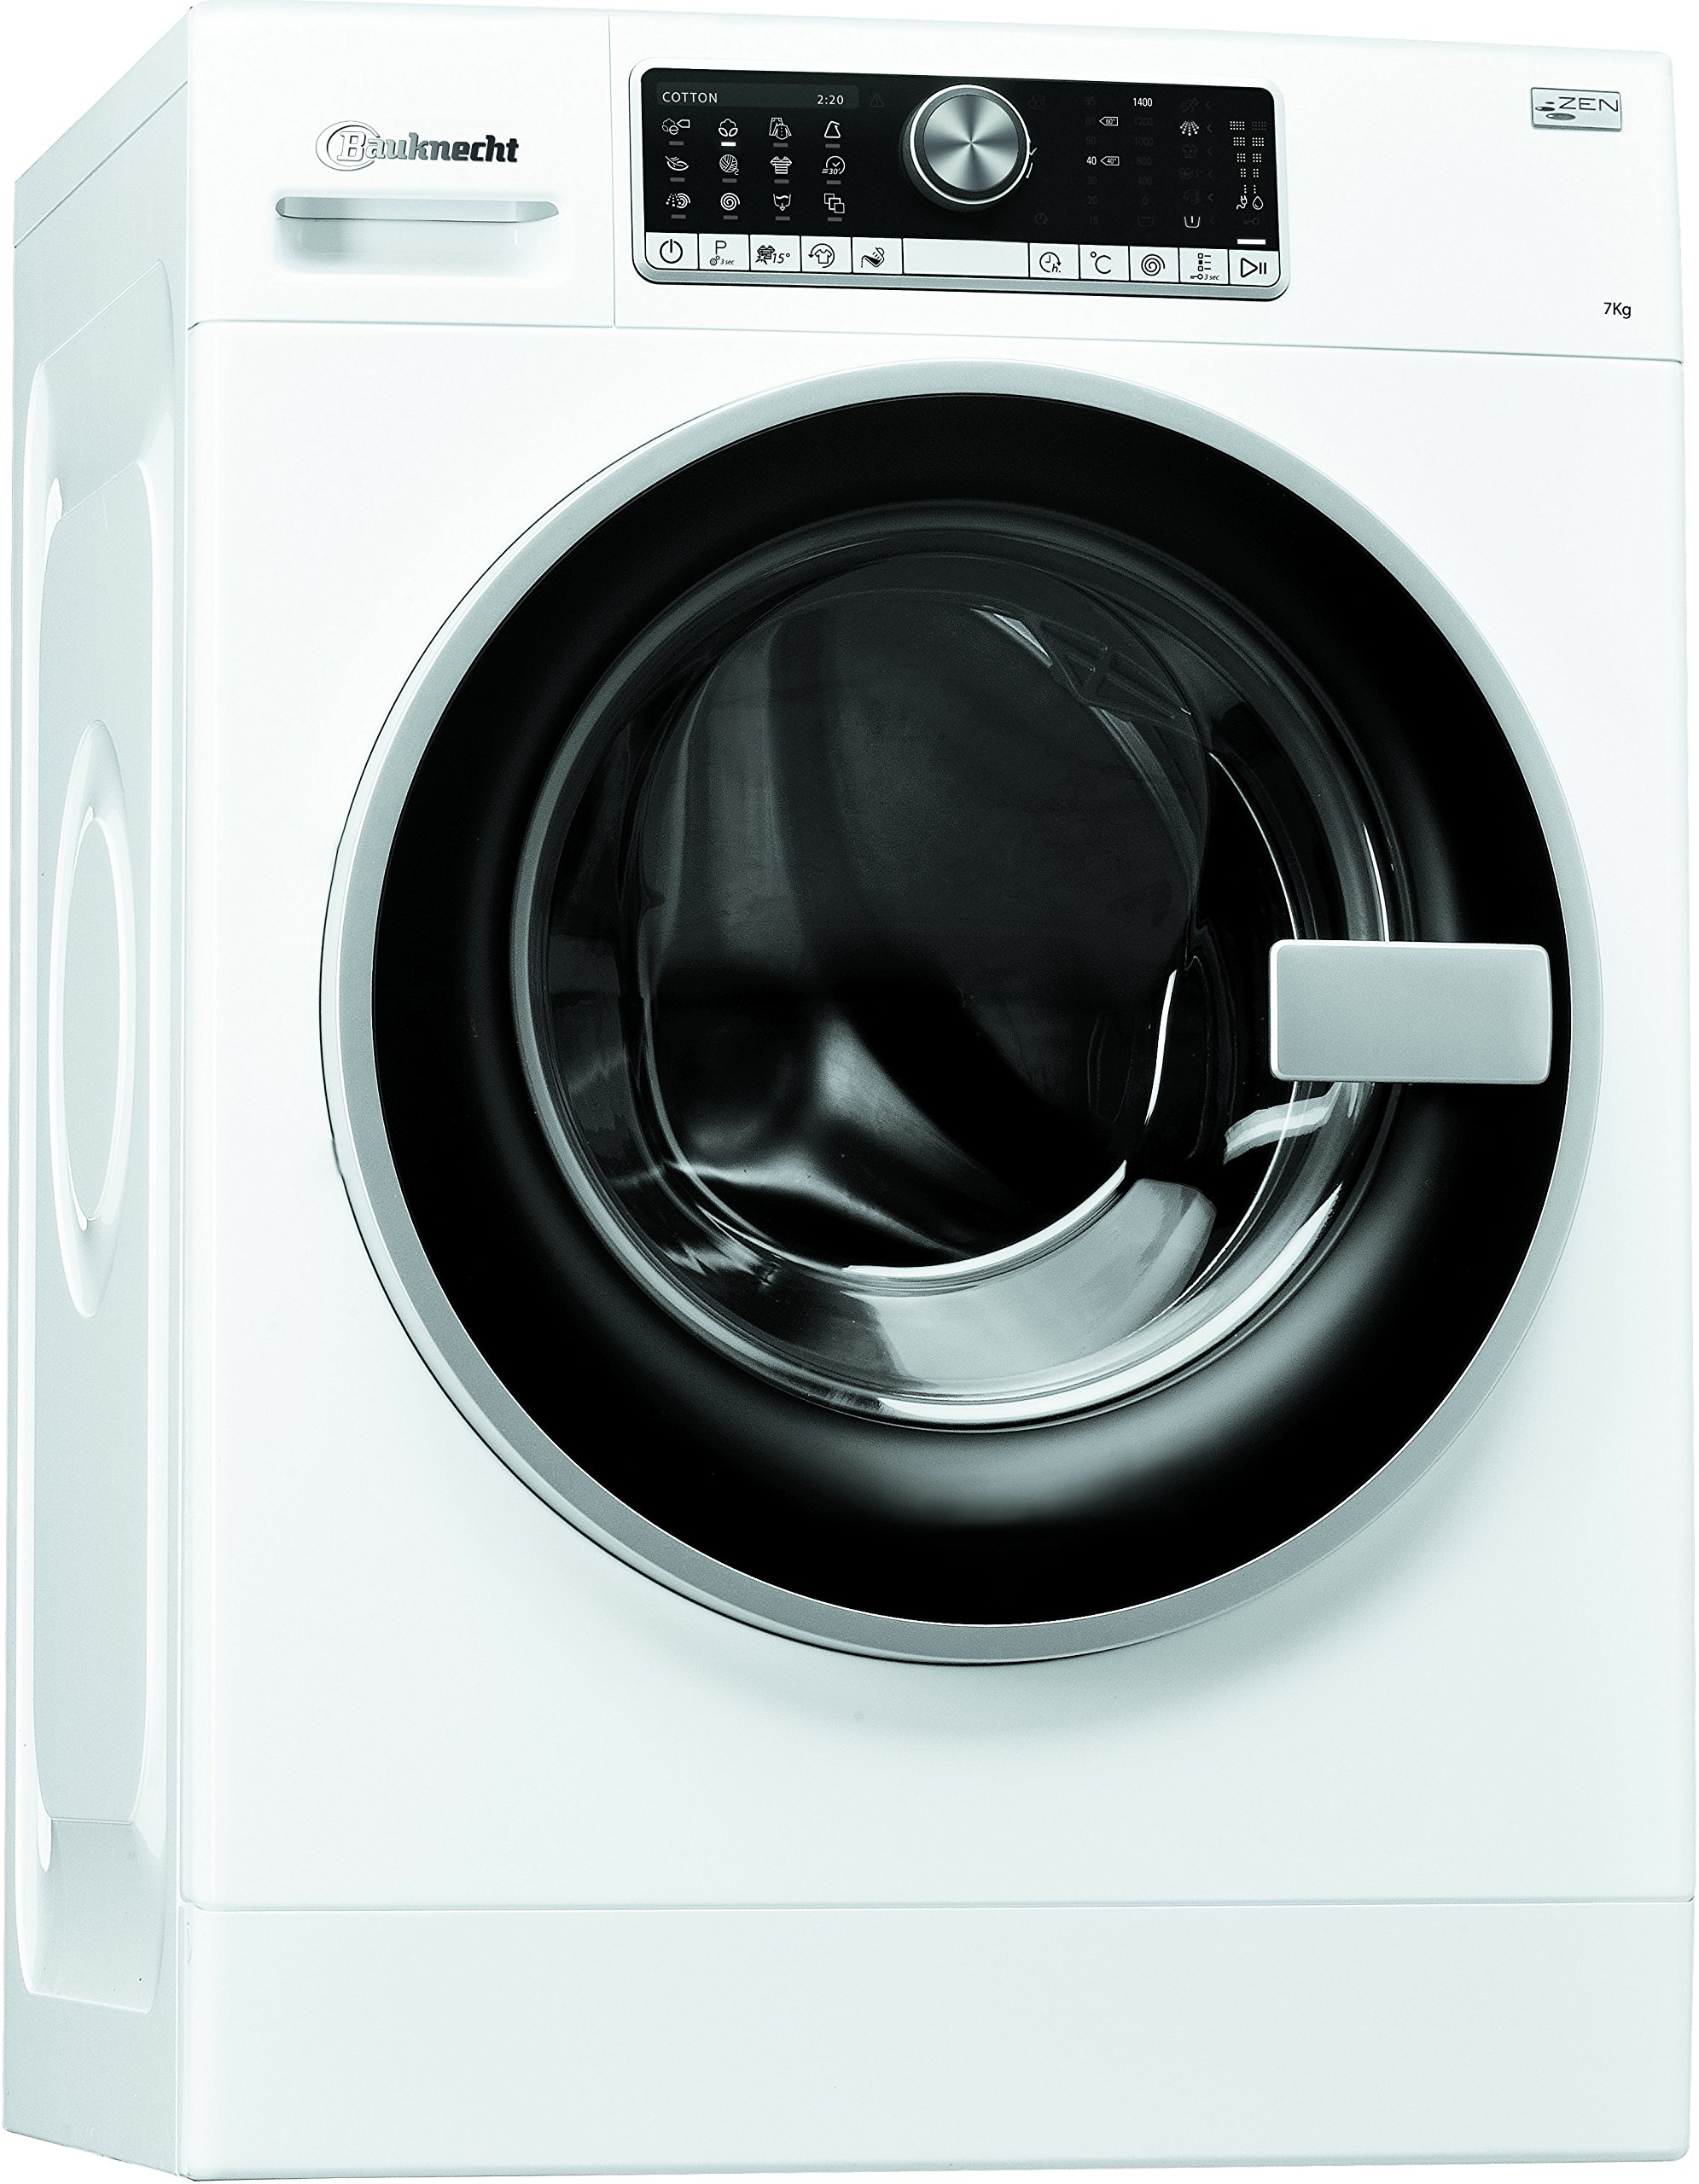 Bauknecht-WM-Trend-724-ZEN-Waschmaschine-Frontlader-A-B-1400-UpM-7-kg-extrem-leise-mit-48-db-ZEN-Direktantrieb-wei